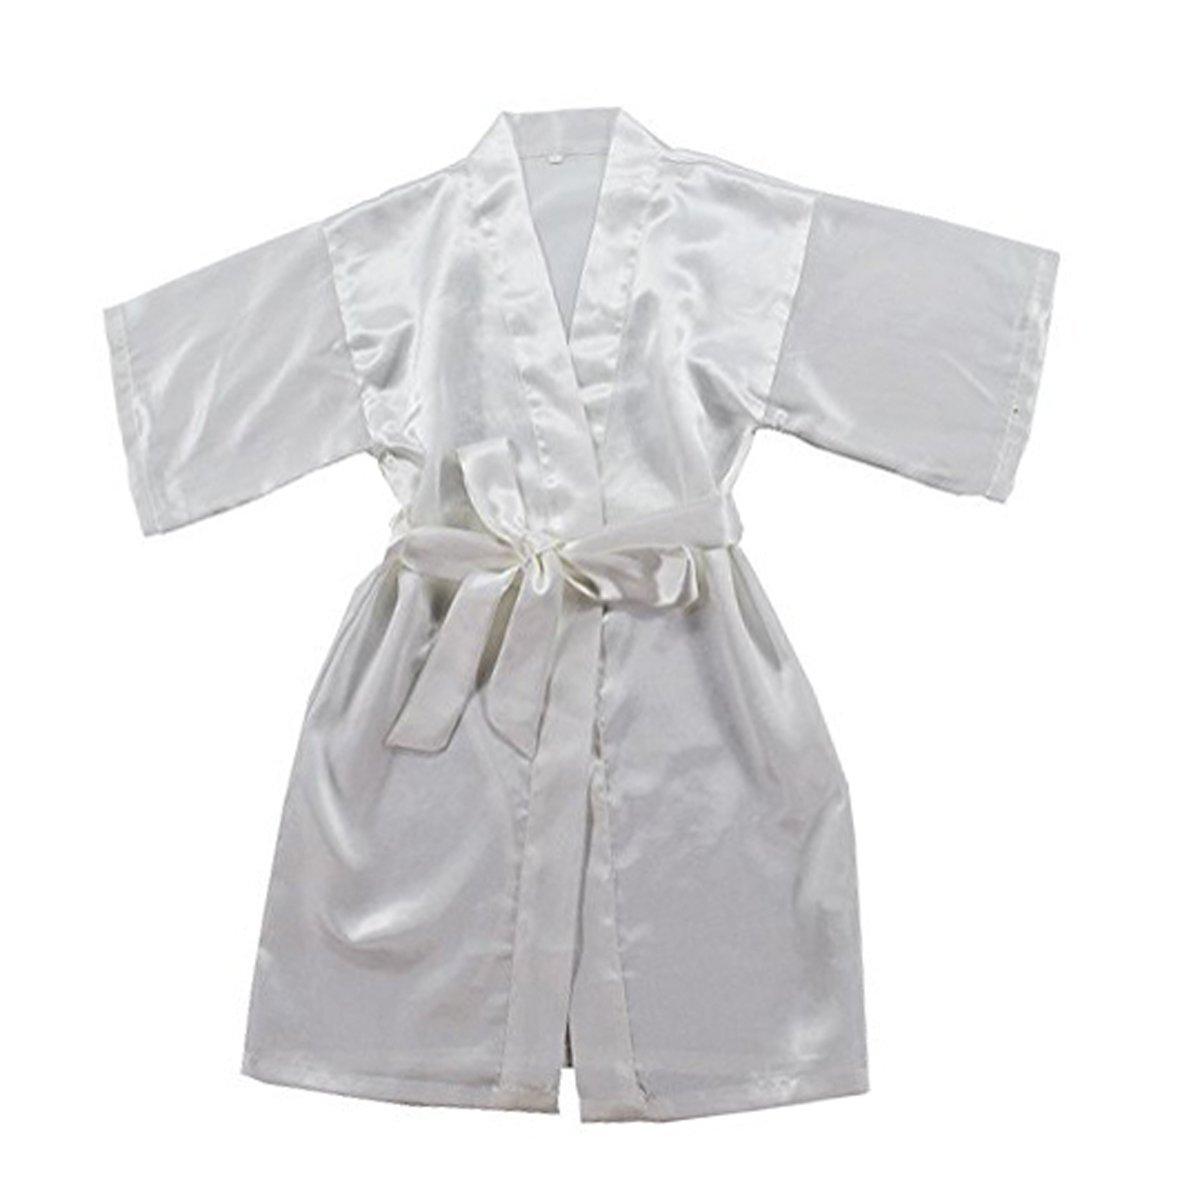 TOLLION Boys and Girls Satin Kimono Robe Kids Pure Color Bathrobe Nightgown (4T, White)